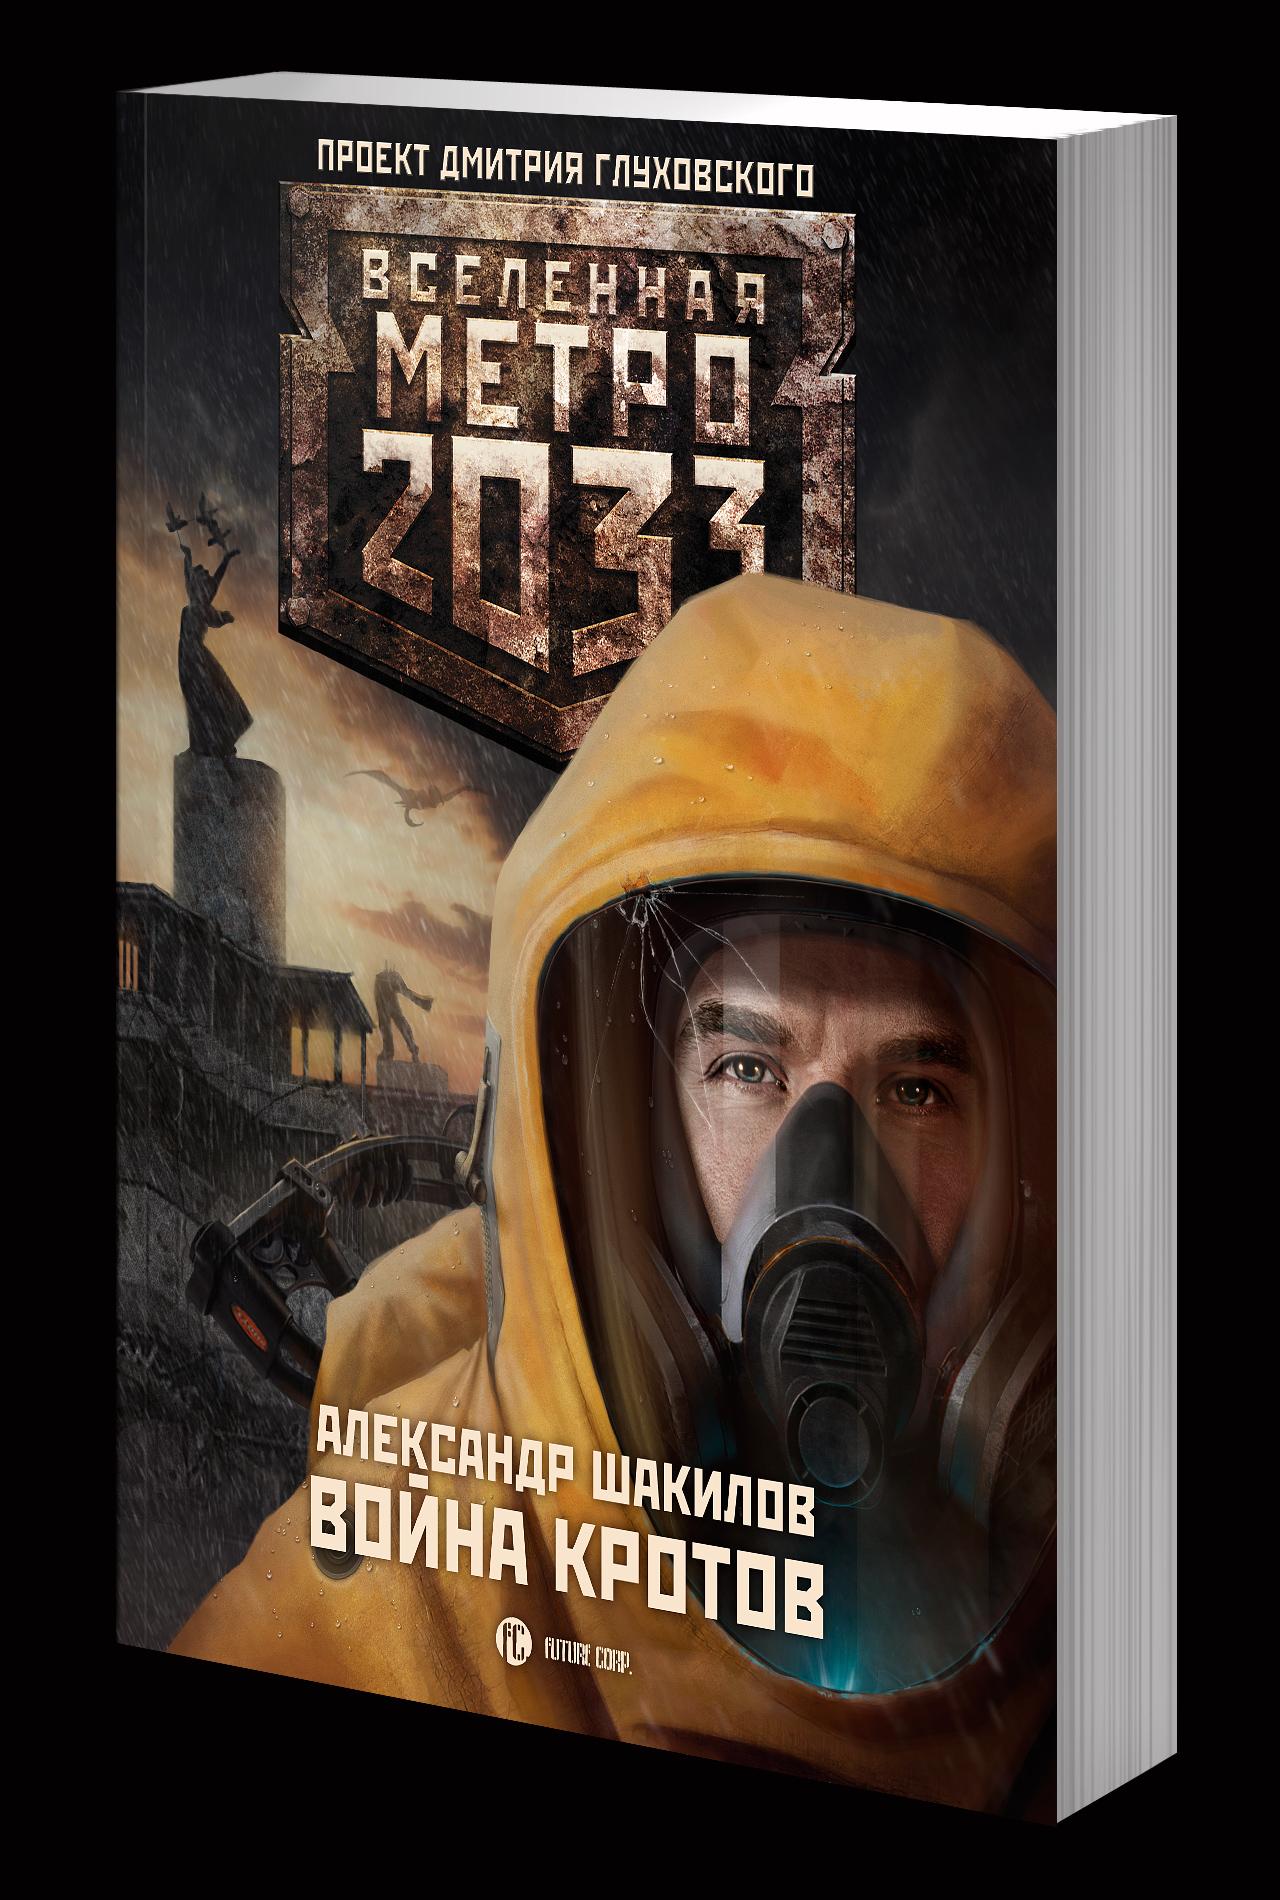 Книга Метро Бесплатно